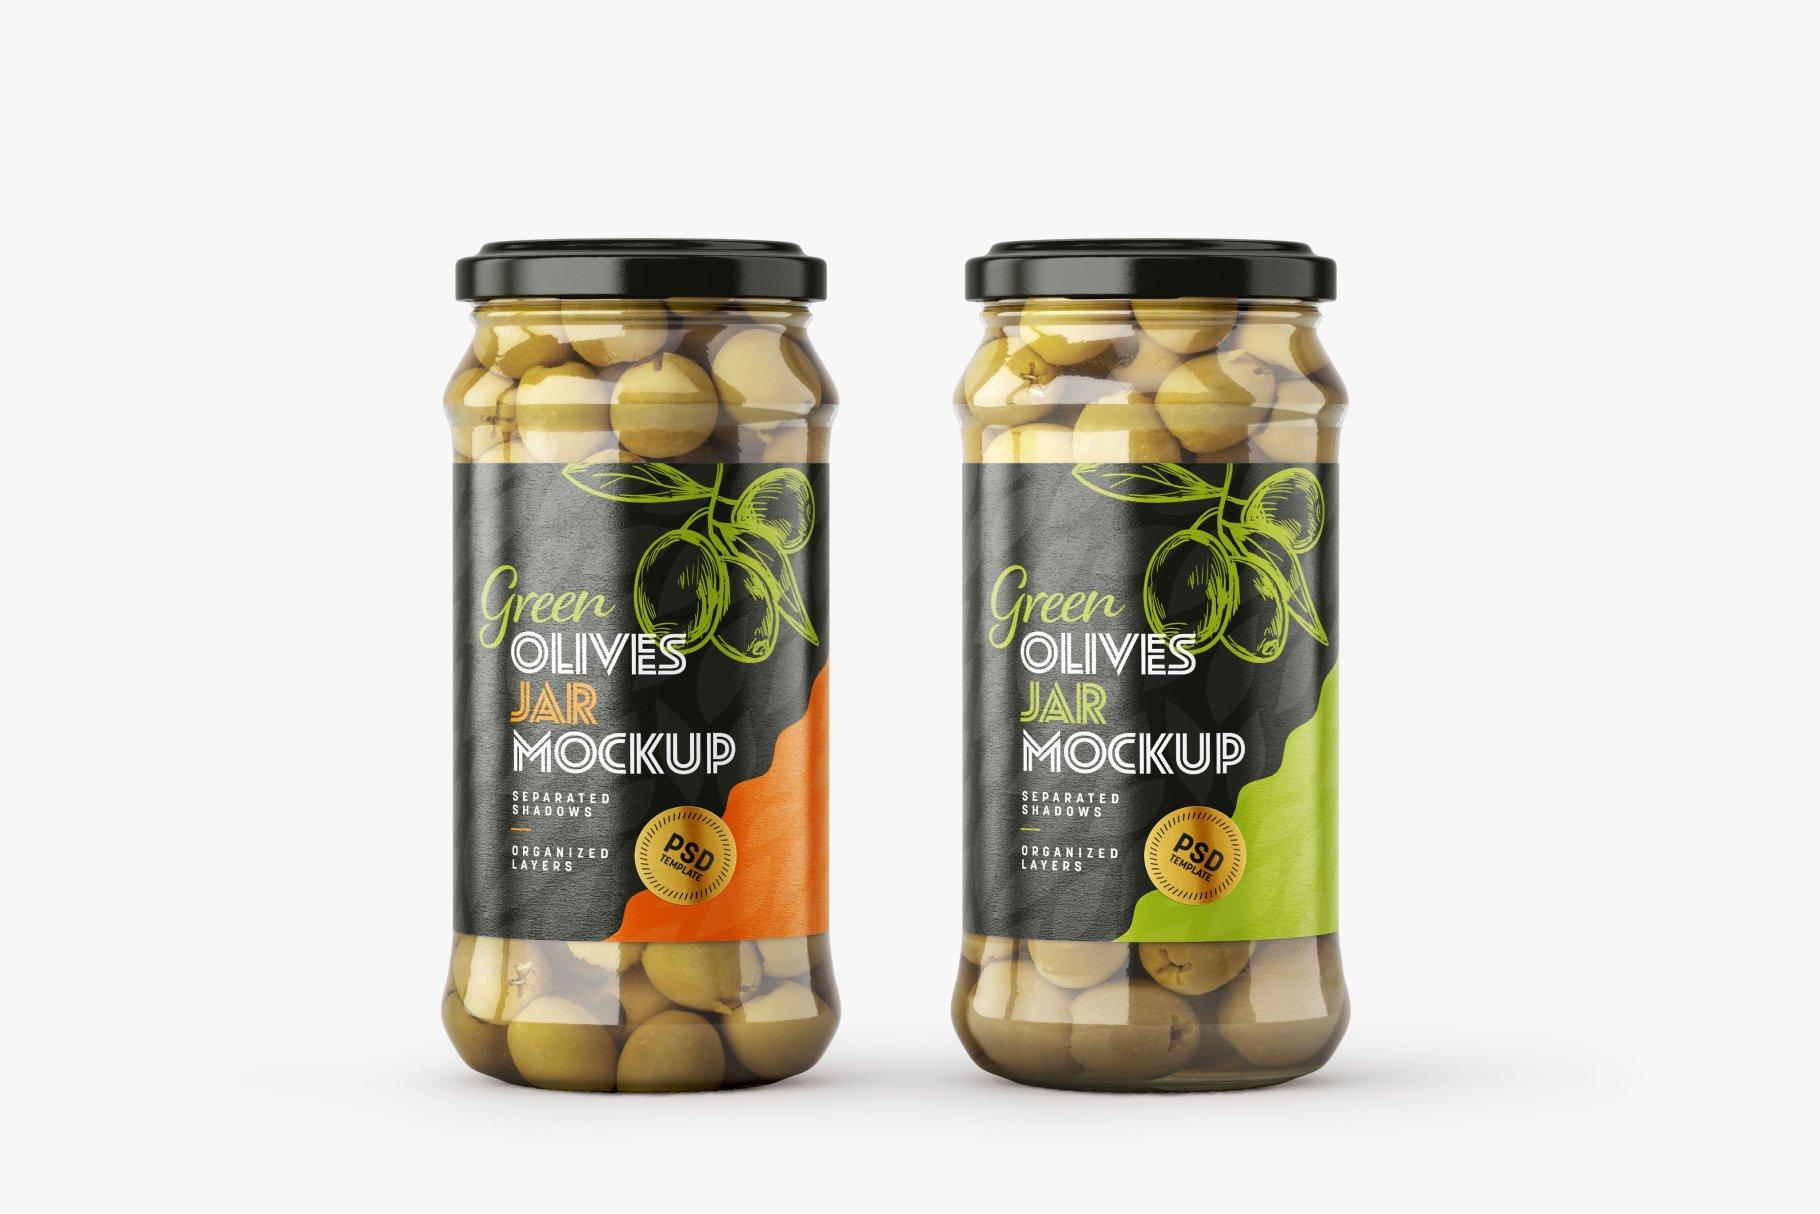 9款新潮华丽食品果酱罐头玻璃罐标签设计样机合集 Olives Jar Mockup Set插图7